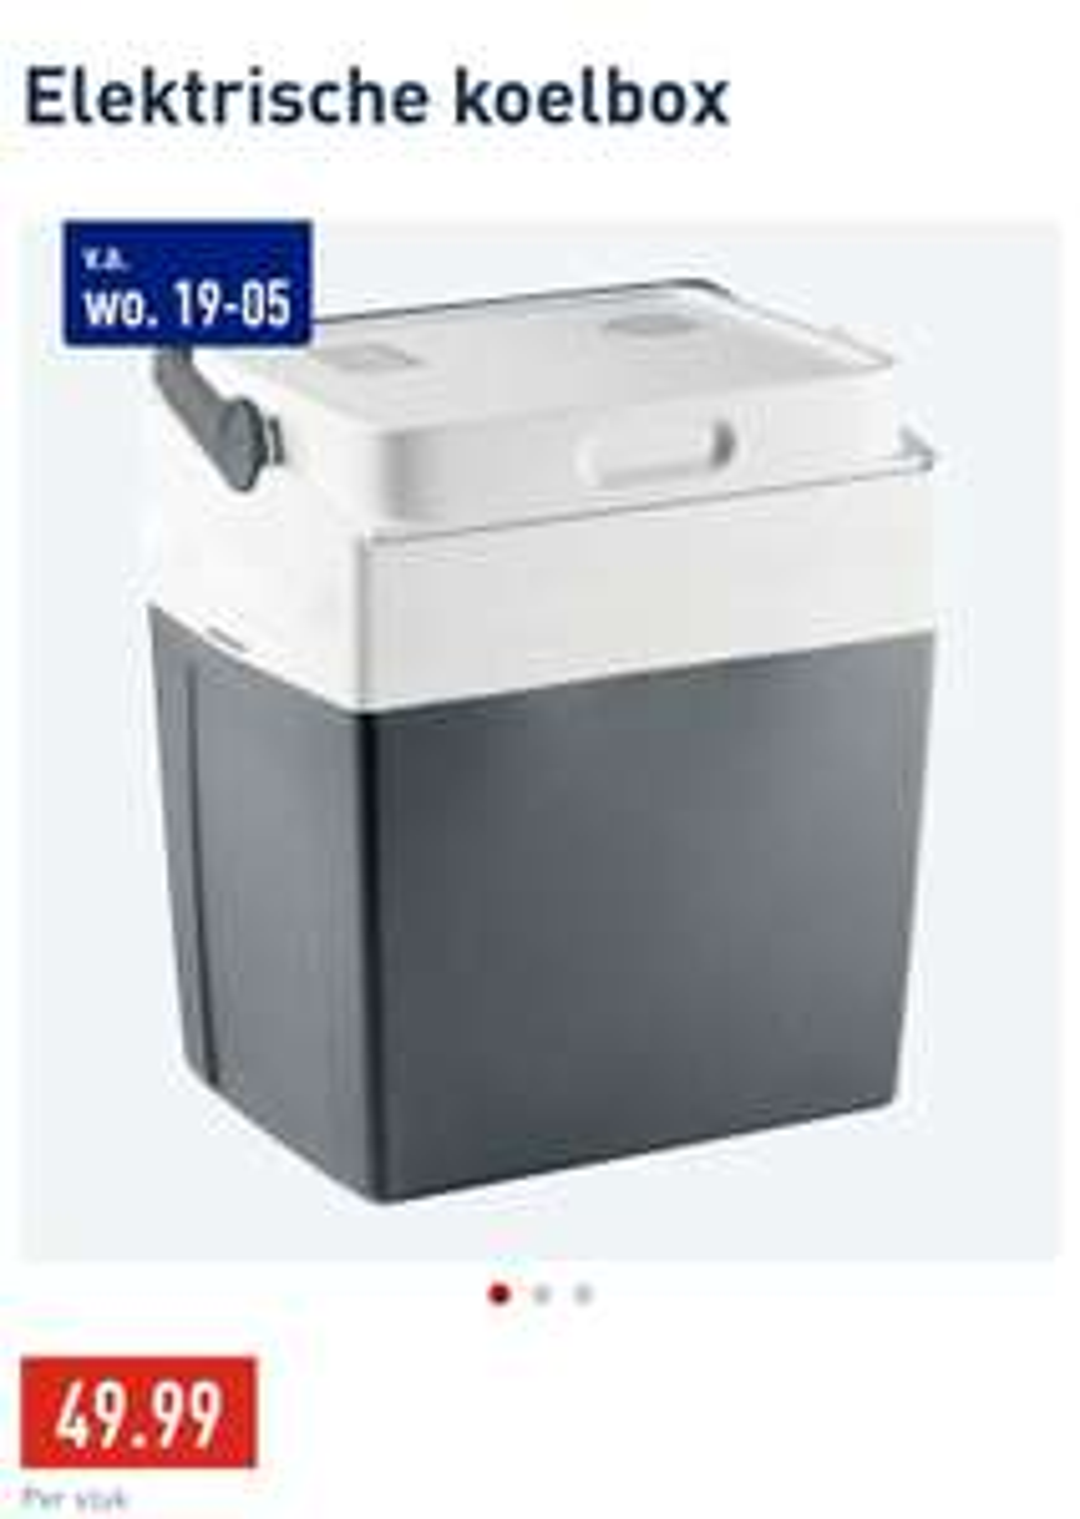 ALDI elektrische koelbox